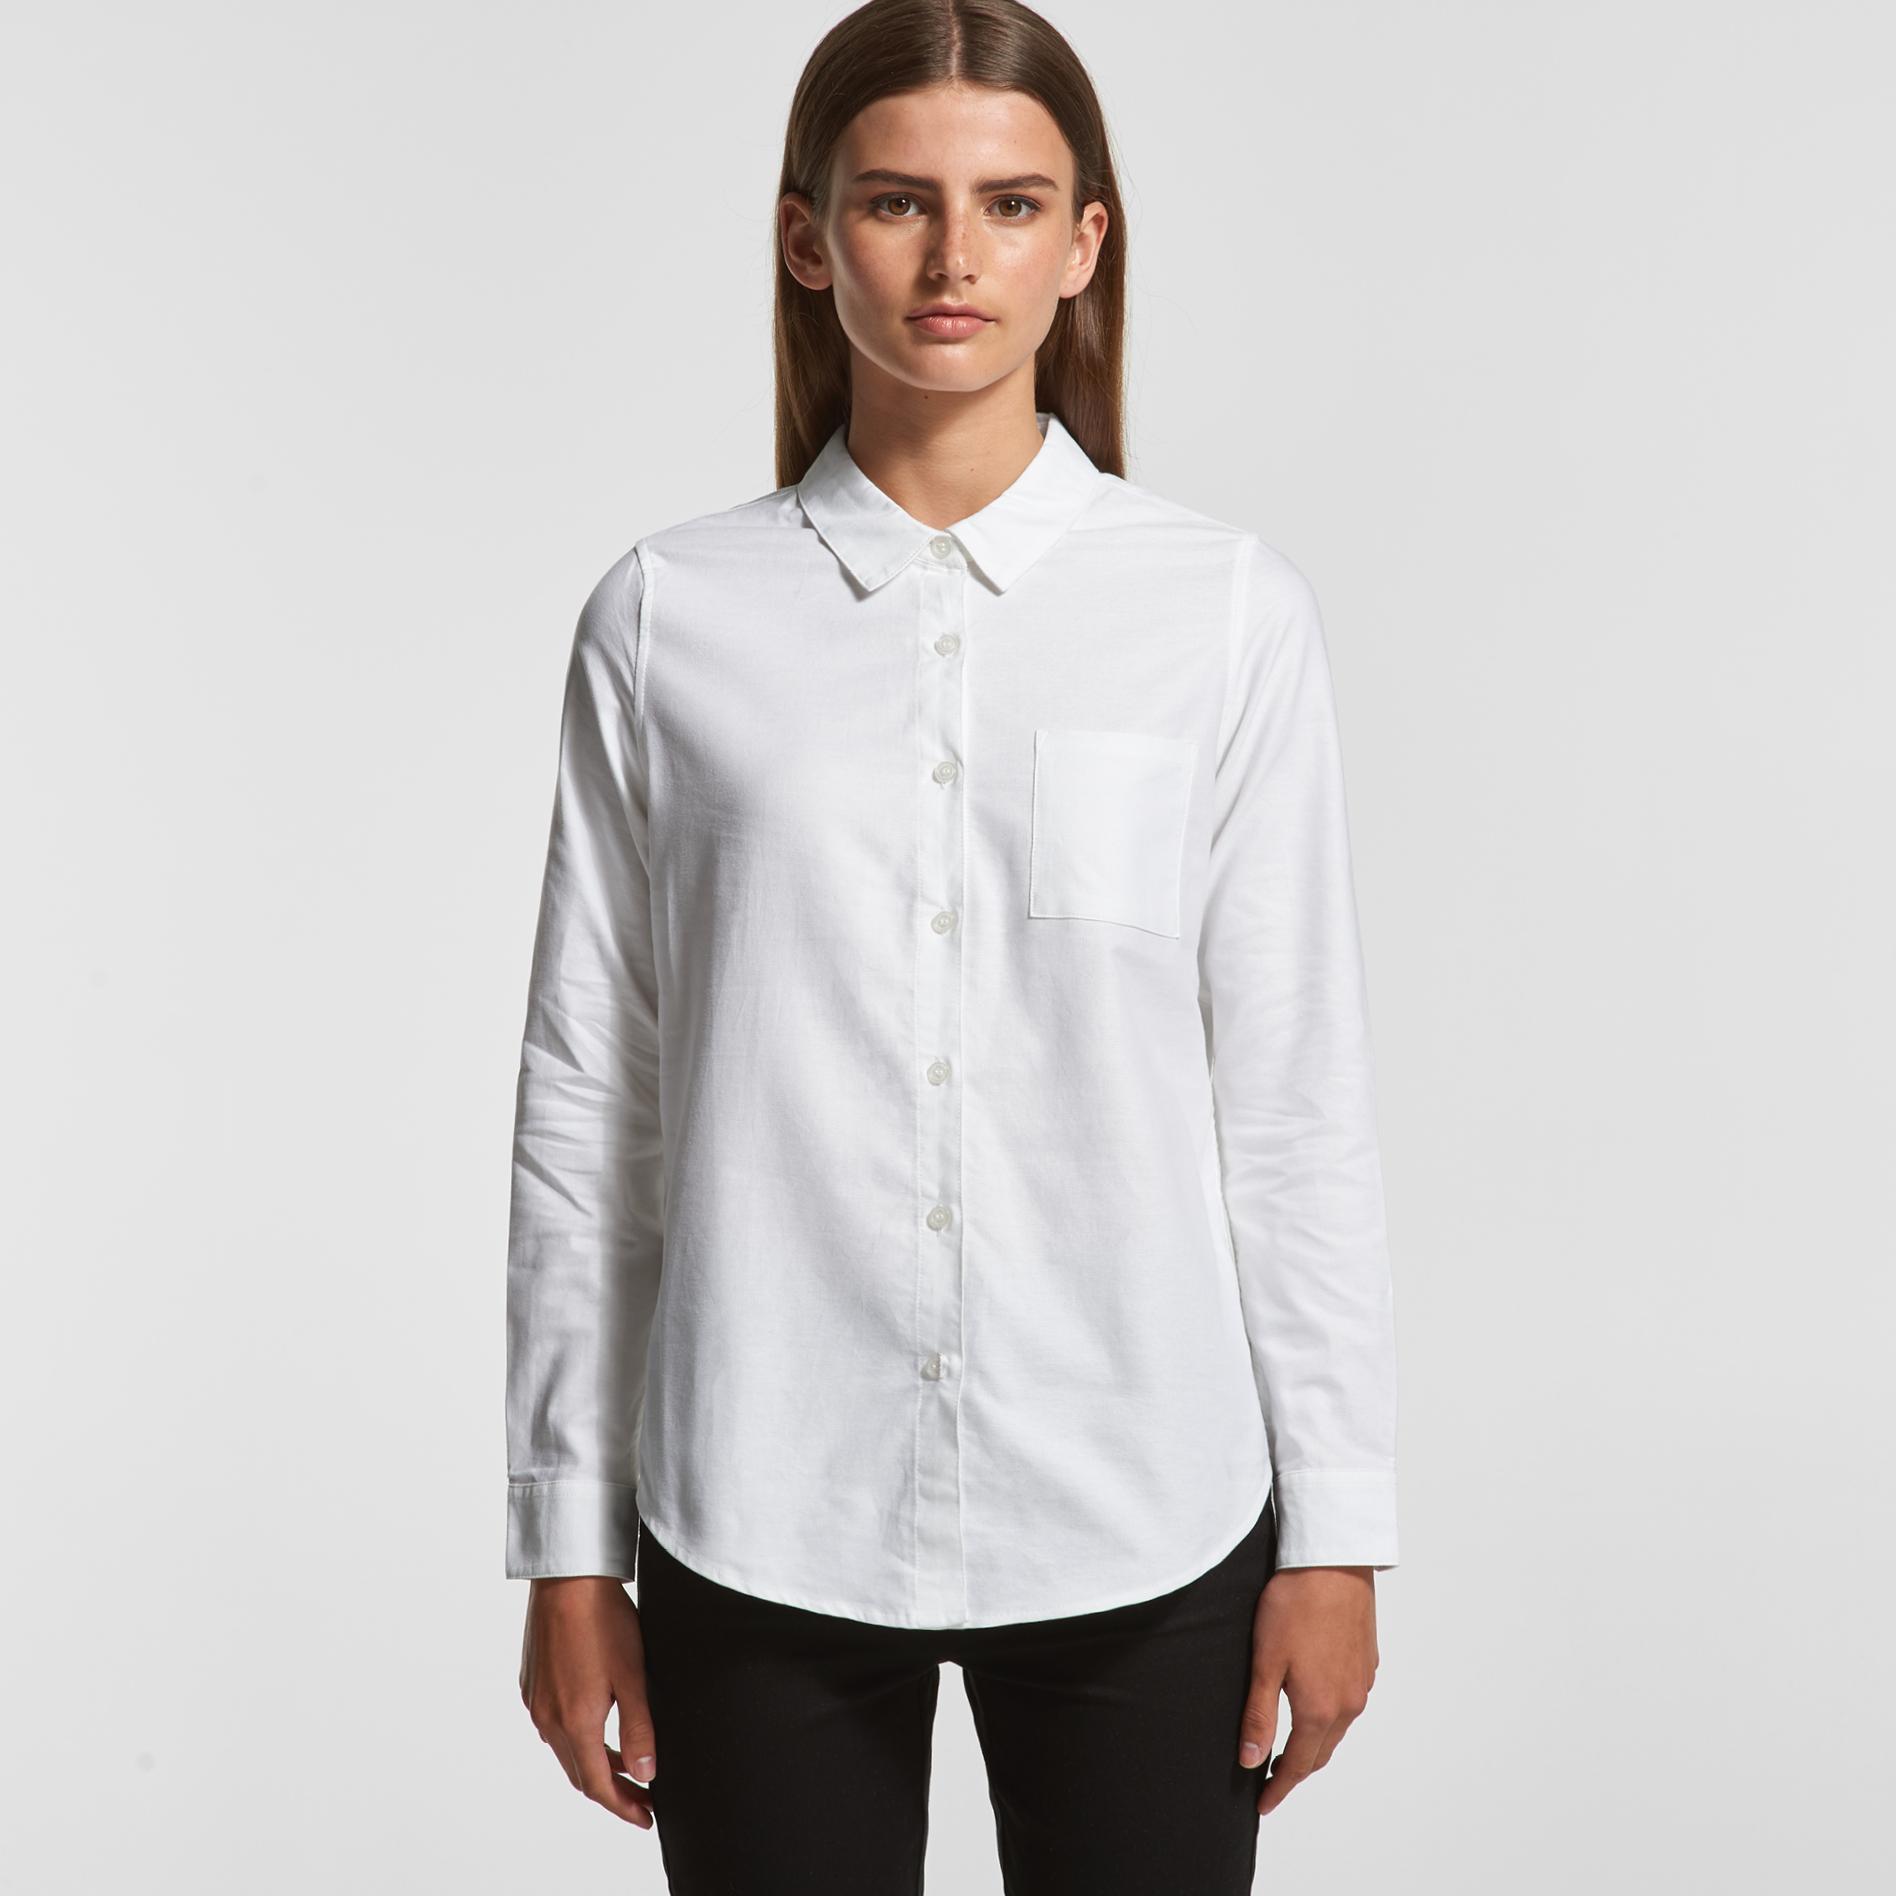 AS Colour WoS Oxford Shirt